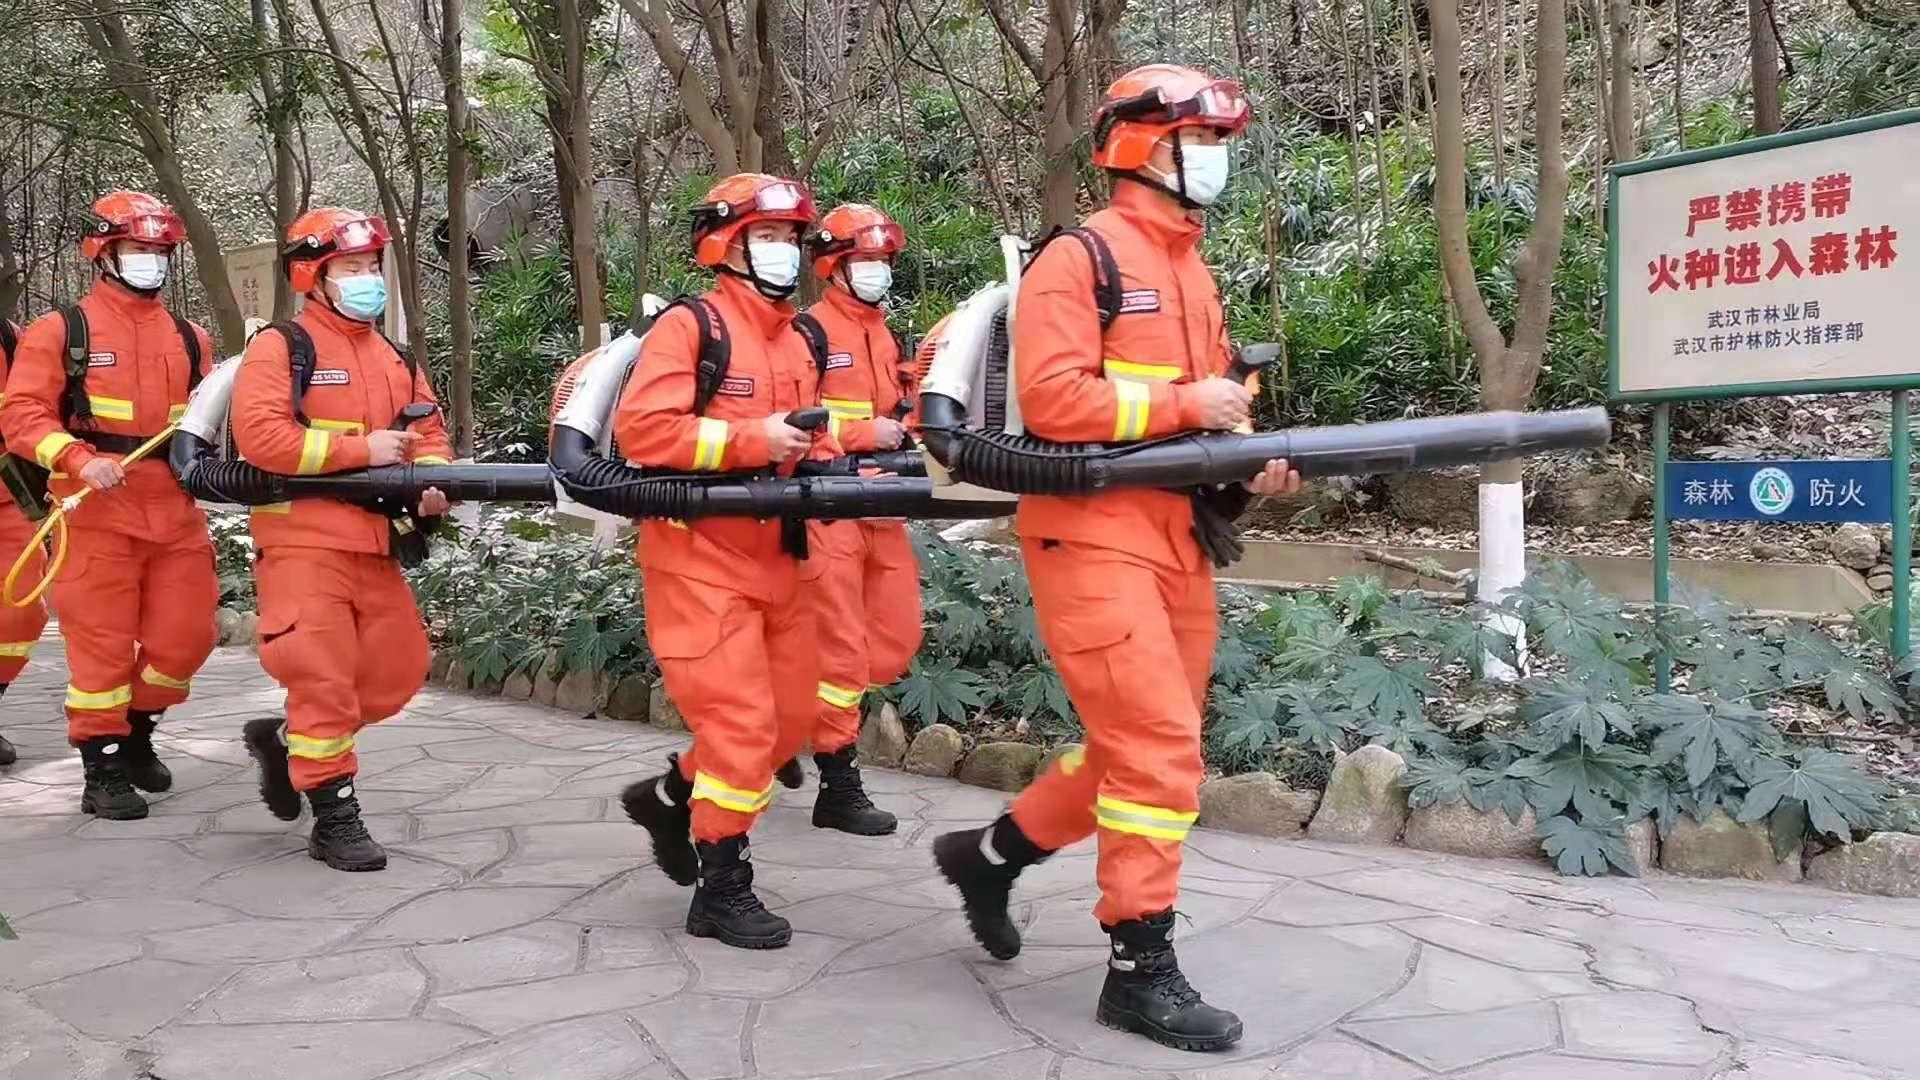 驻鄂消防大队奔赴多个景区开展防火宣传